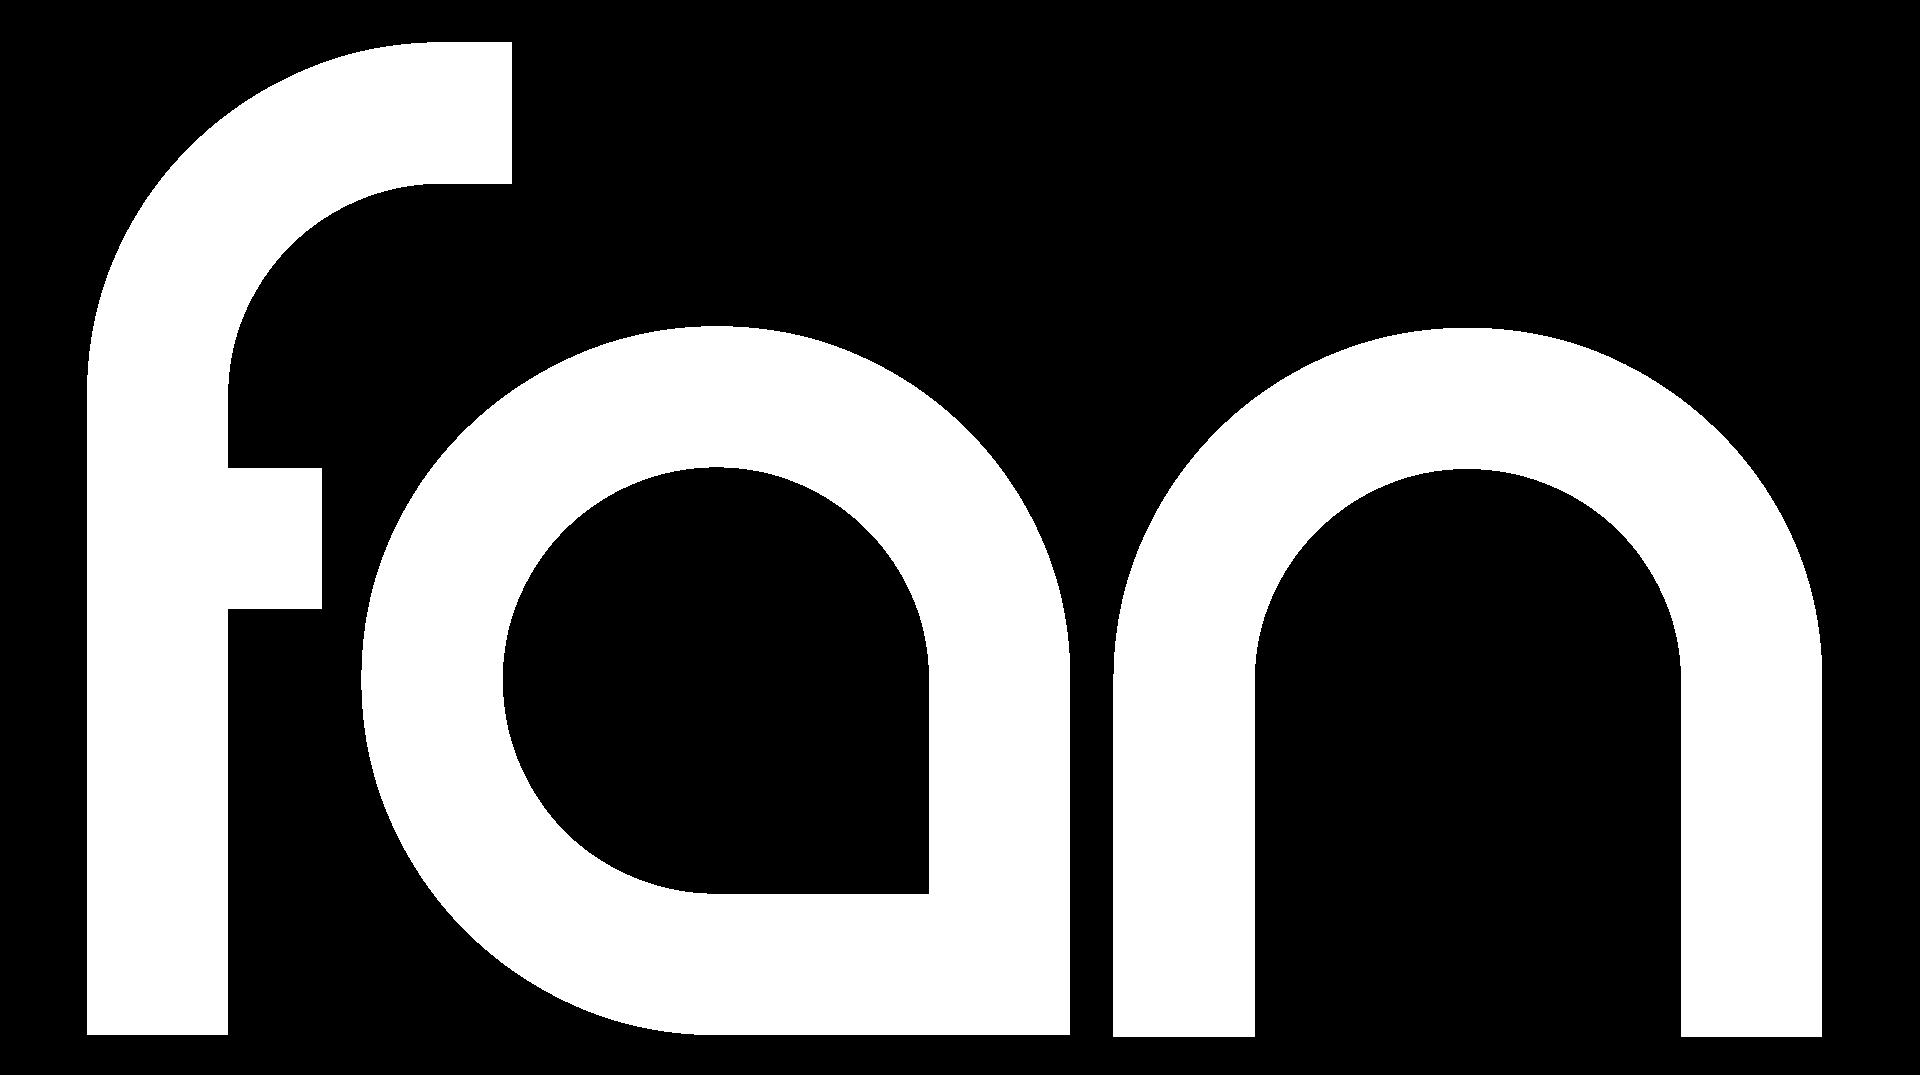 logo-branco-fan-x